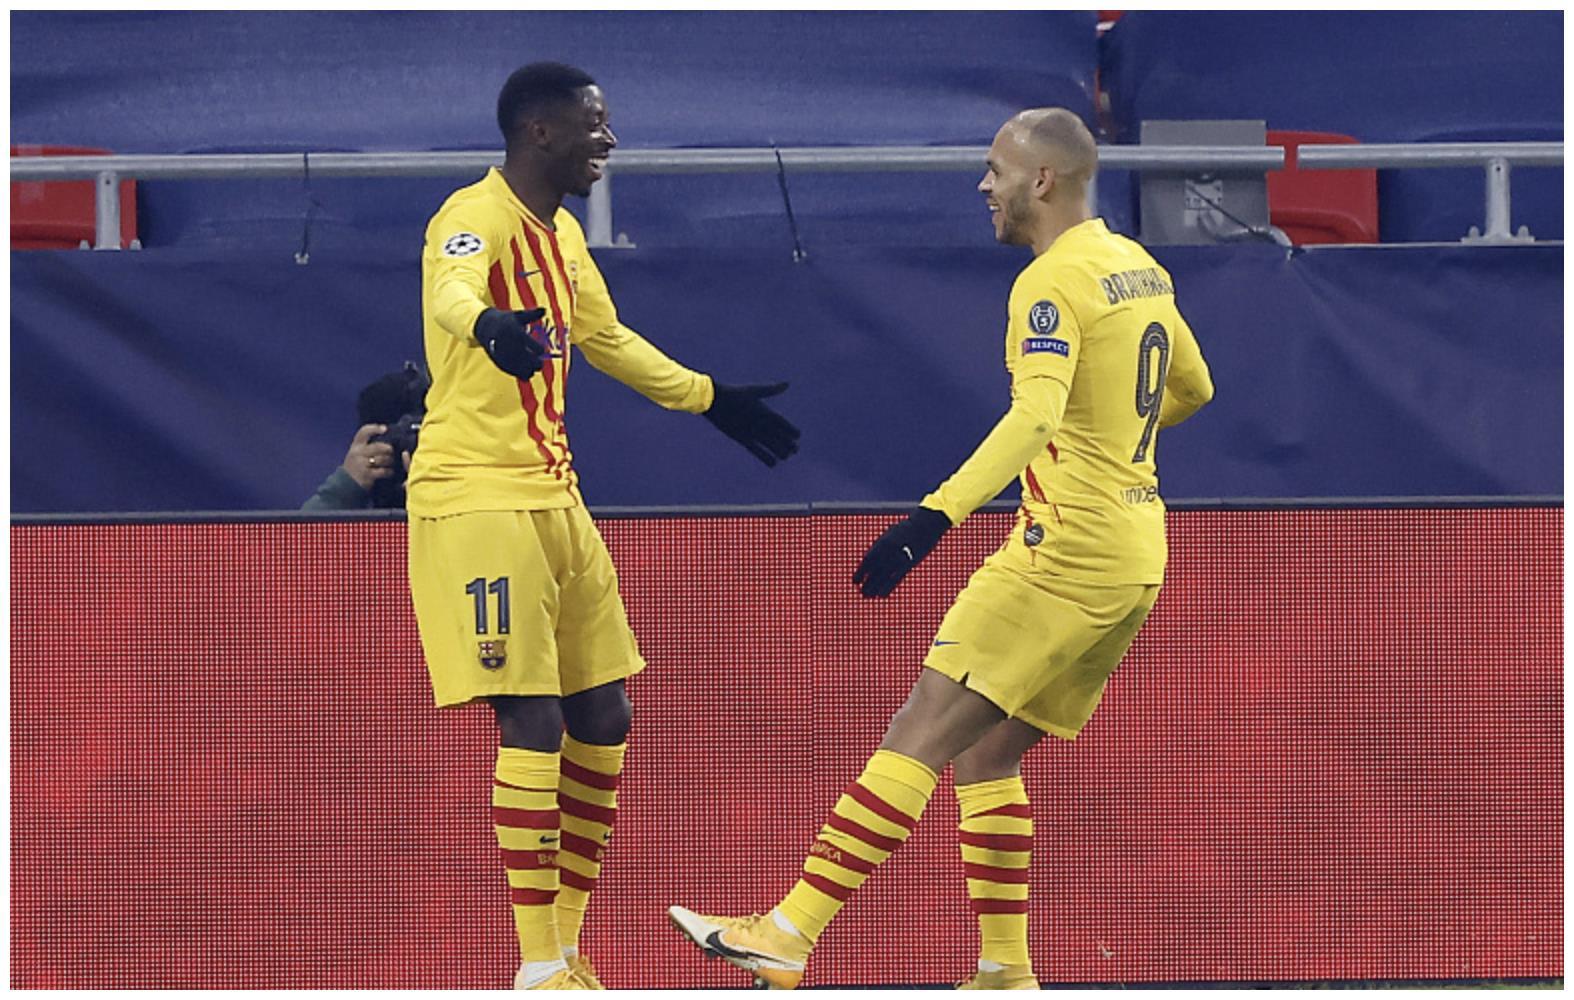 巴萨连环操作坑惨科曼,高薪天才23场0球,弃将进球数追平梅西